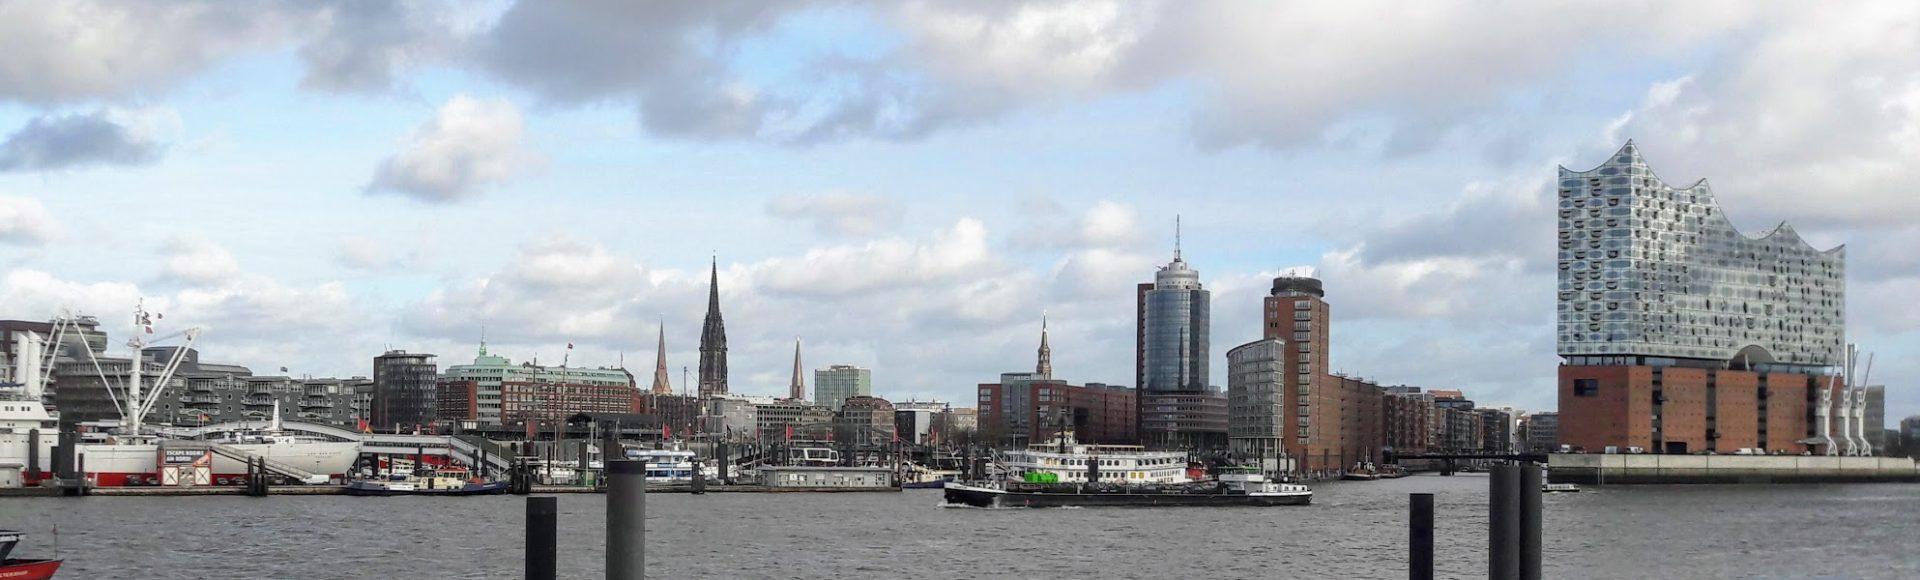 Hamburg aan de Elbe